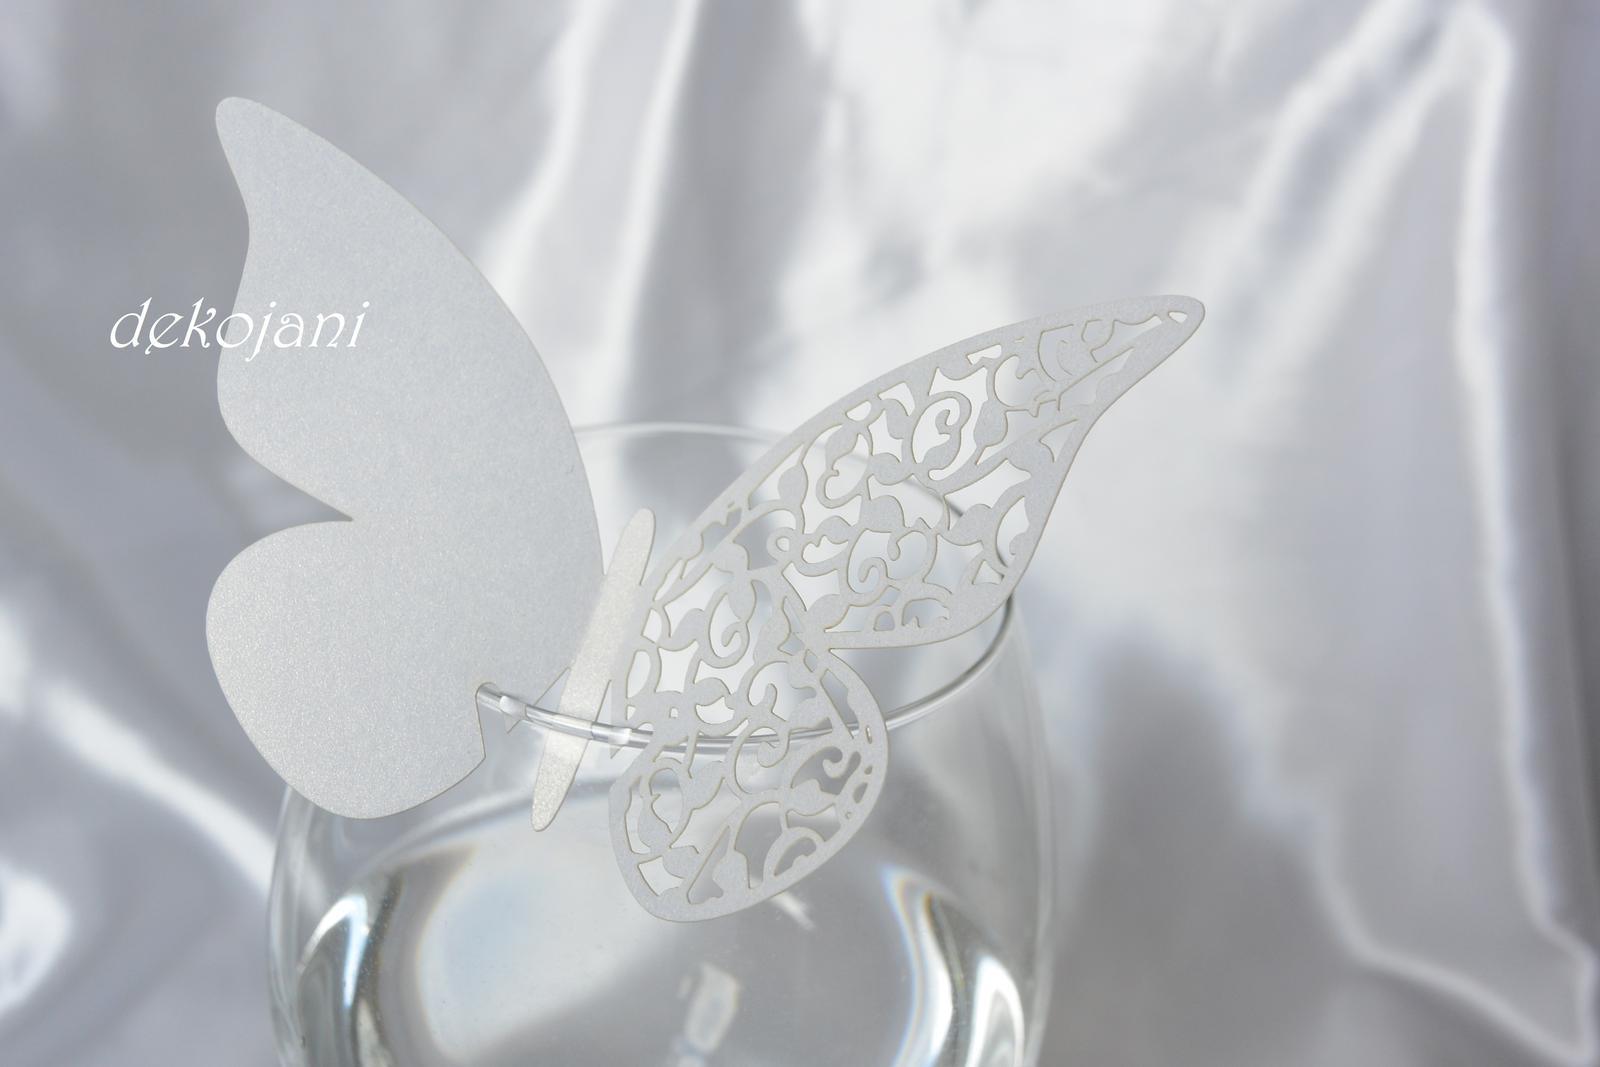 Jmenovka motýlek 10ks - Obrázek č. 1